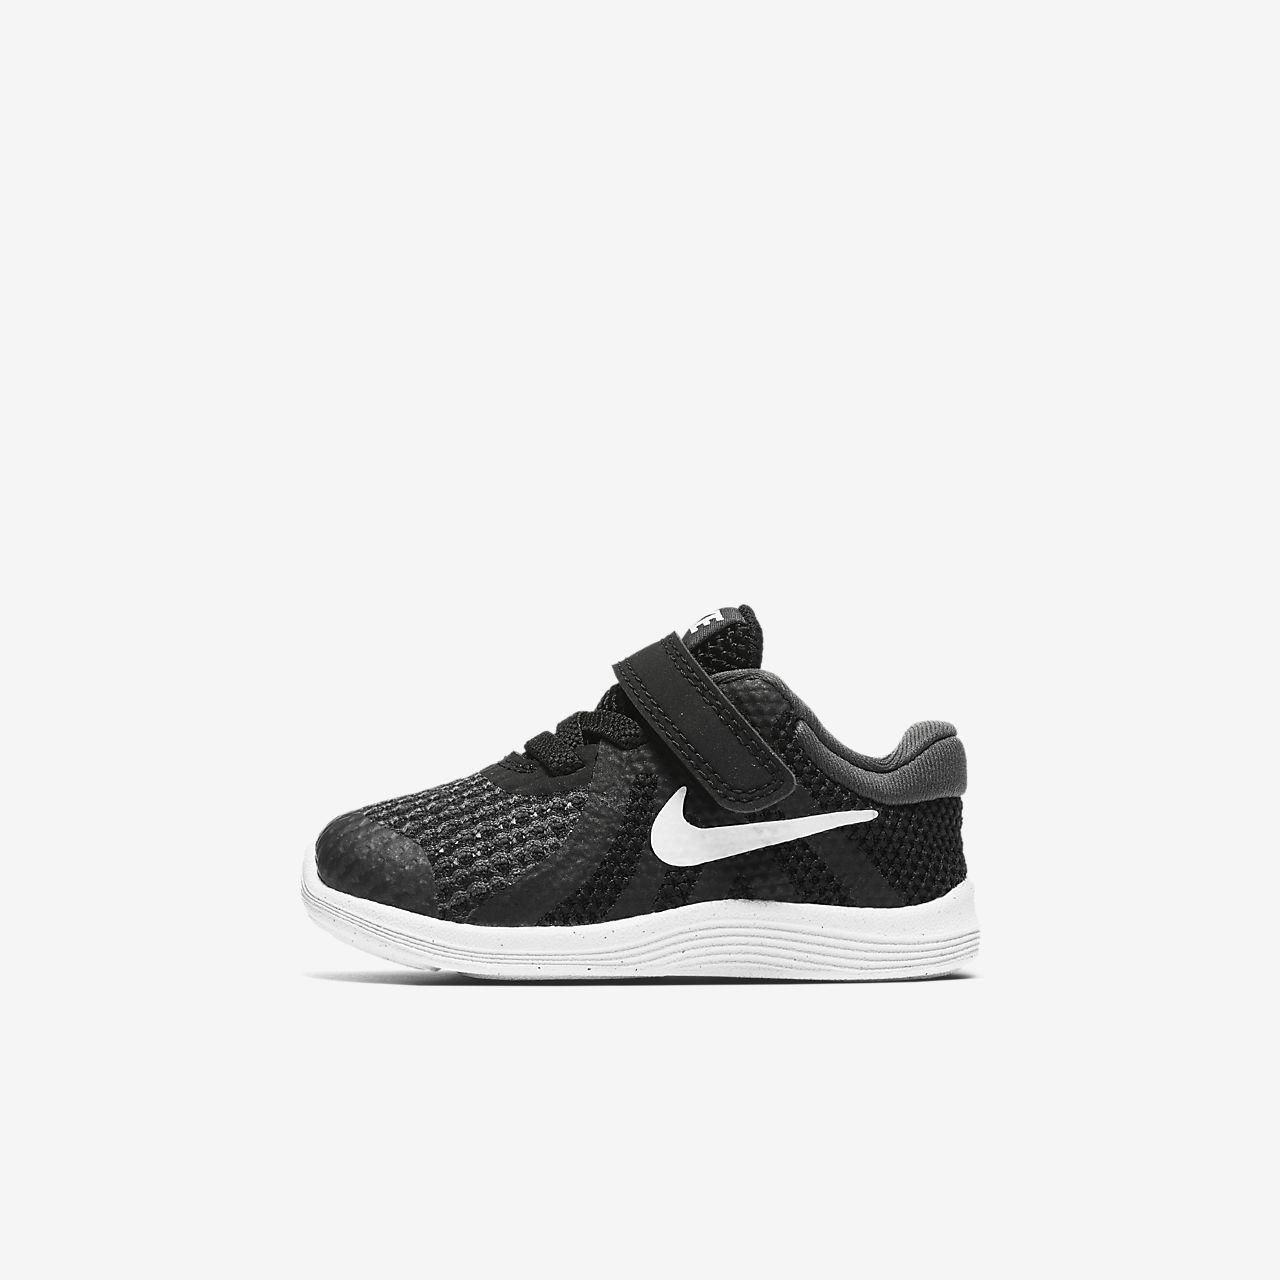 newest 68f3f c44da ... Chaussure Nike Revolution 4 pour Bébé Petit enfant